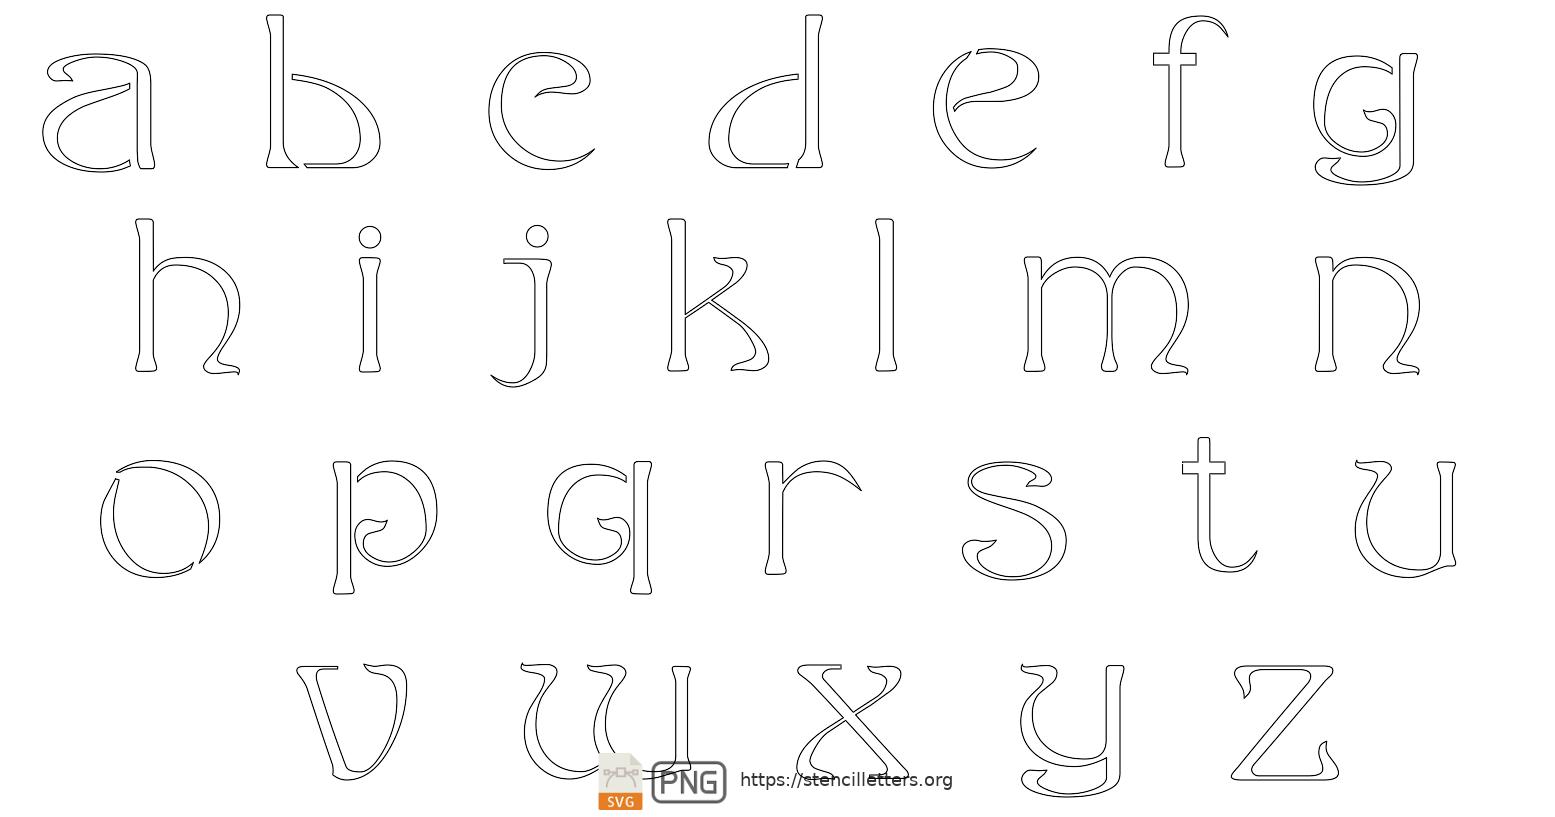 French Art Nouveau lowercase letter stencils